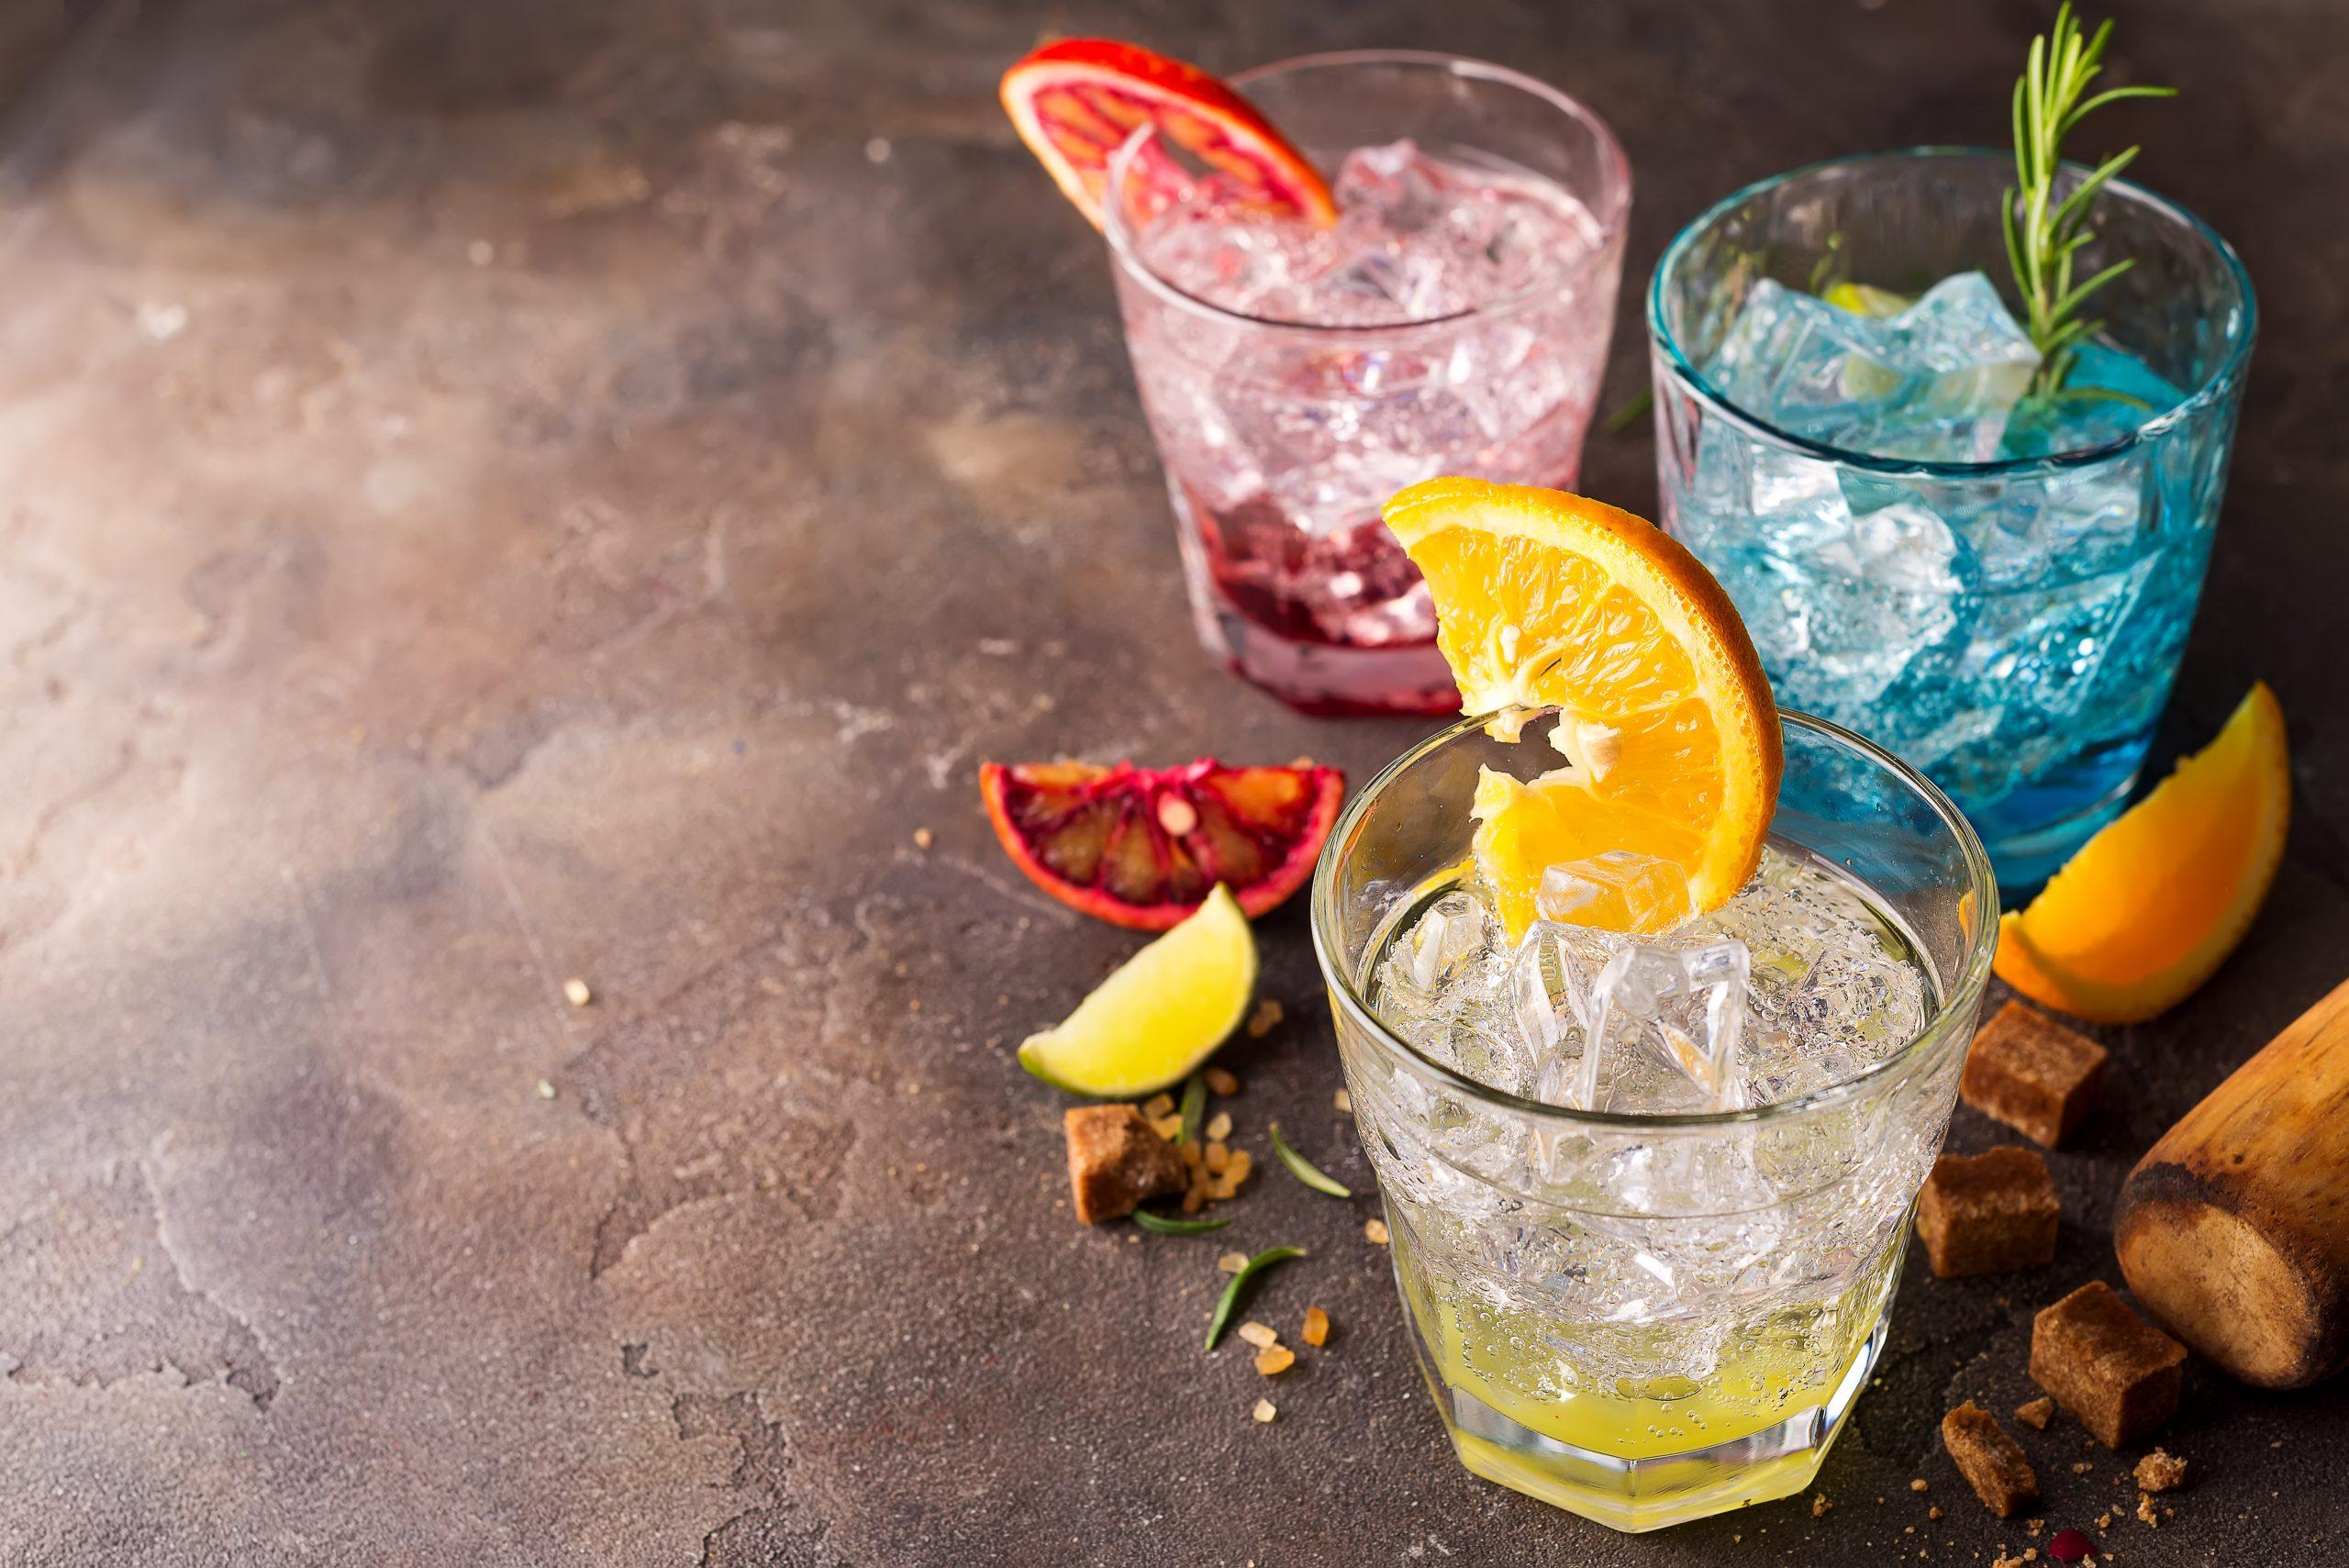 Kolorowe drinki w szklankach, udekorowane owocami i ziołami